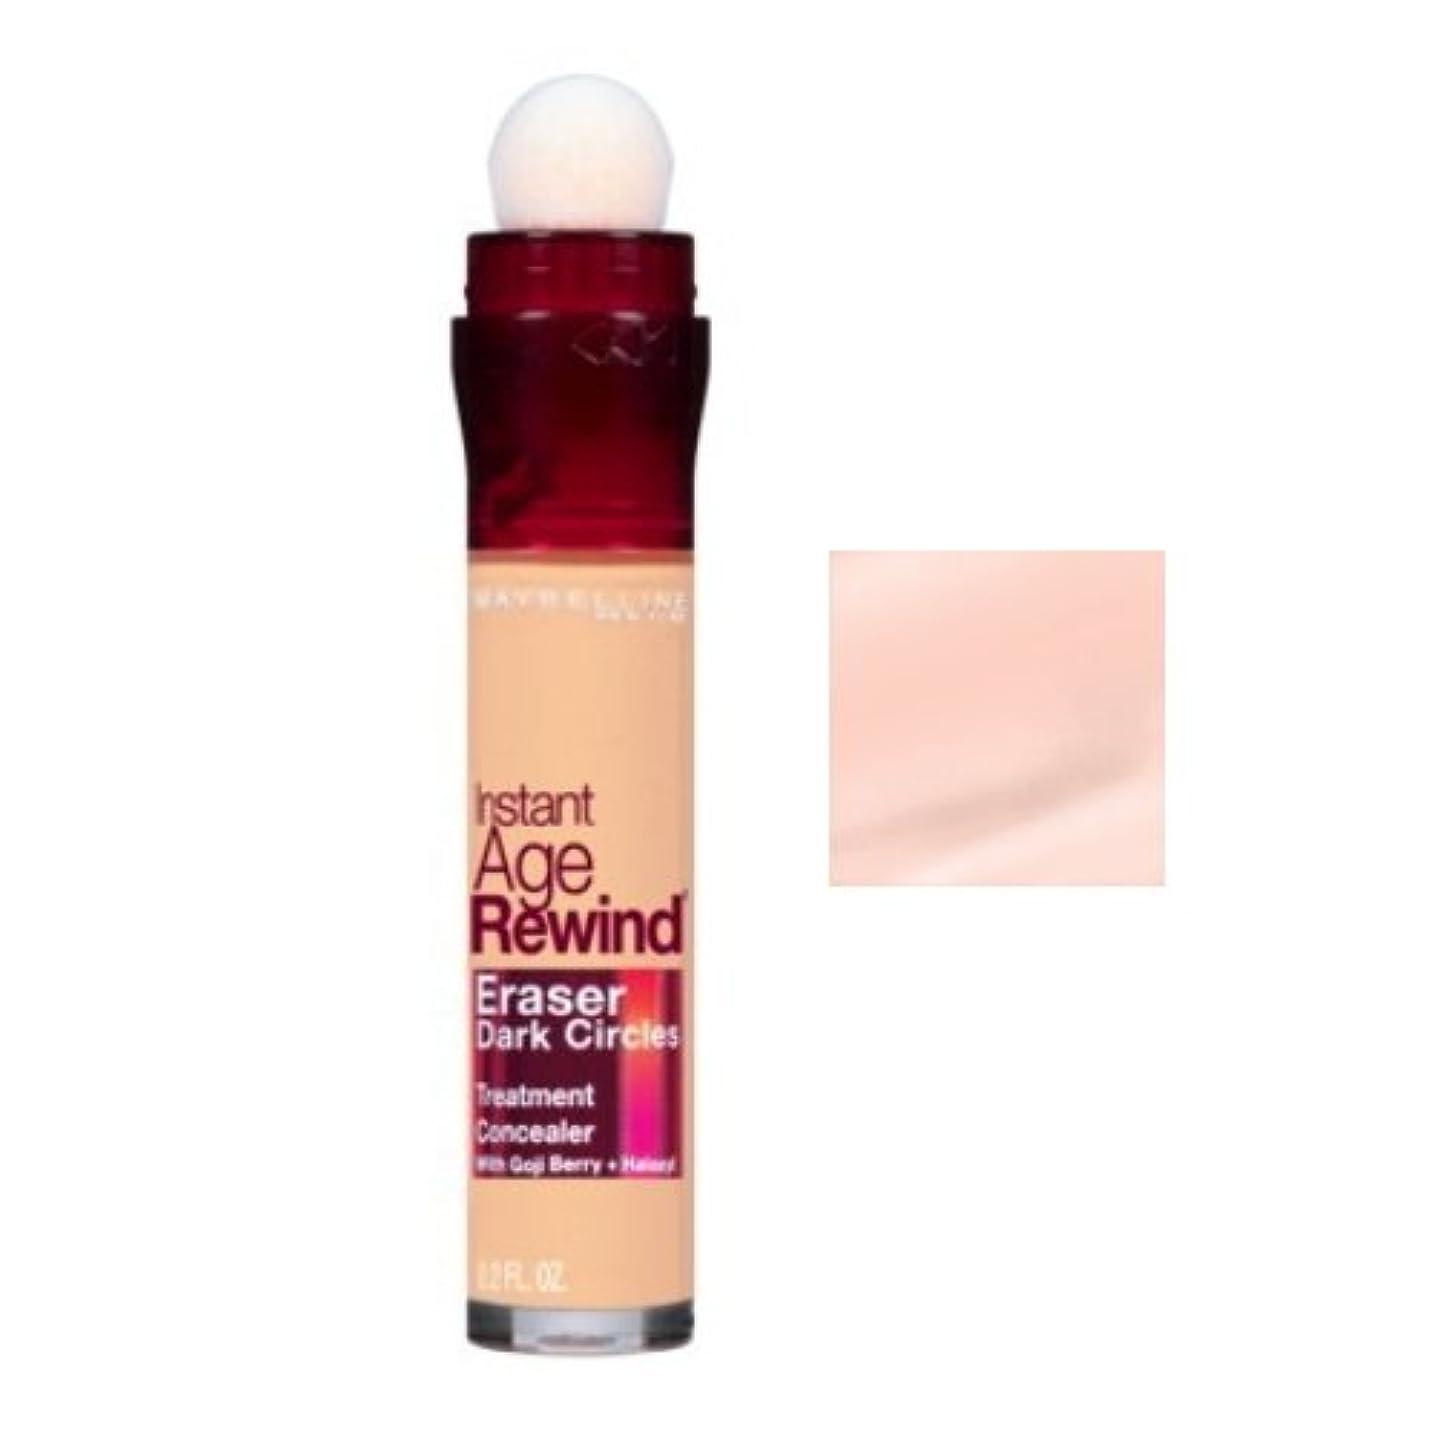 長老トムオードリースプレゼンテーションMAYBELLINE Instant Age Rewind Eraser Dark Circles + Treatment - Brightener (並行輸入品)